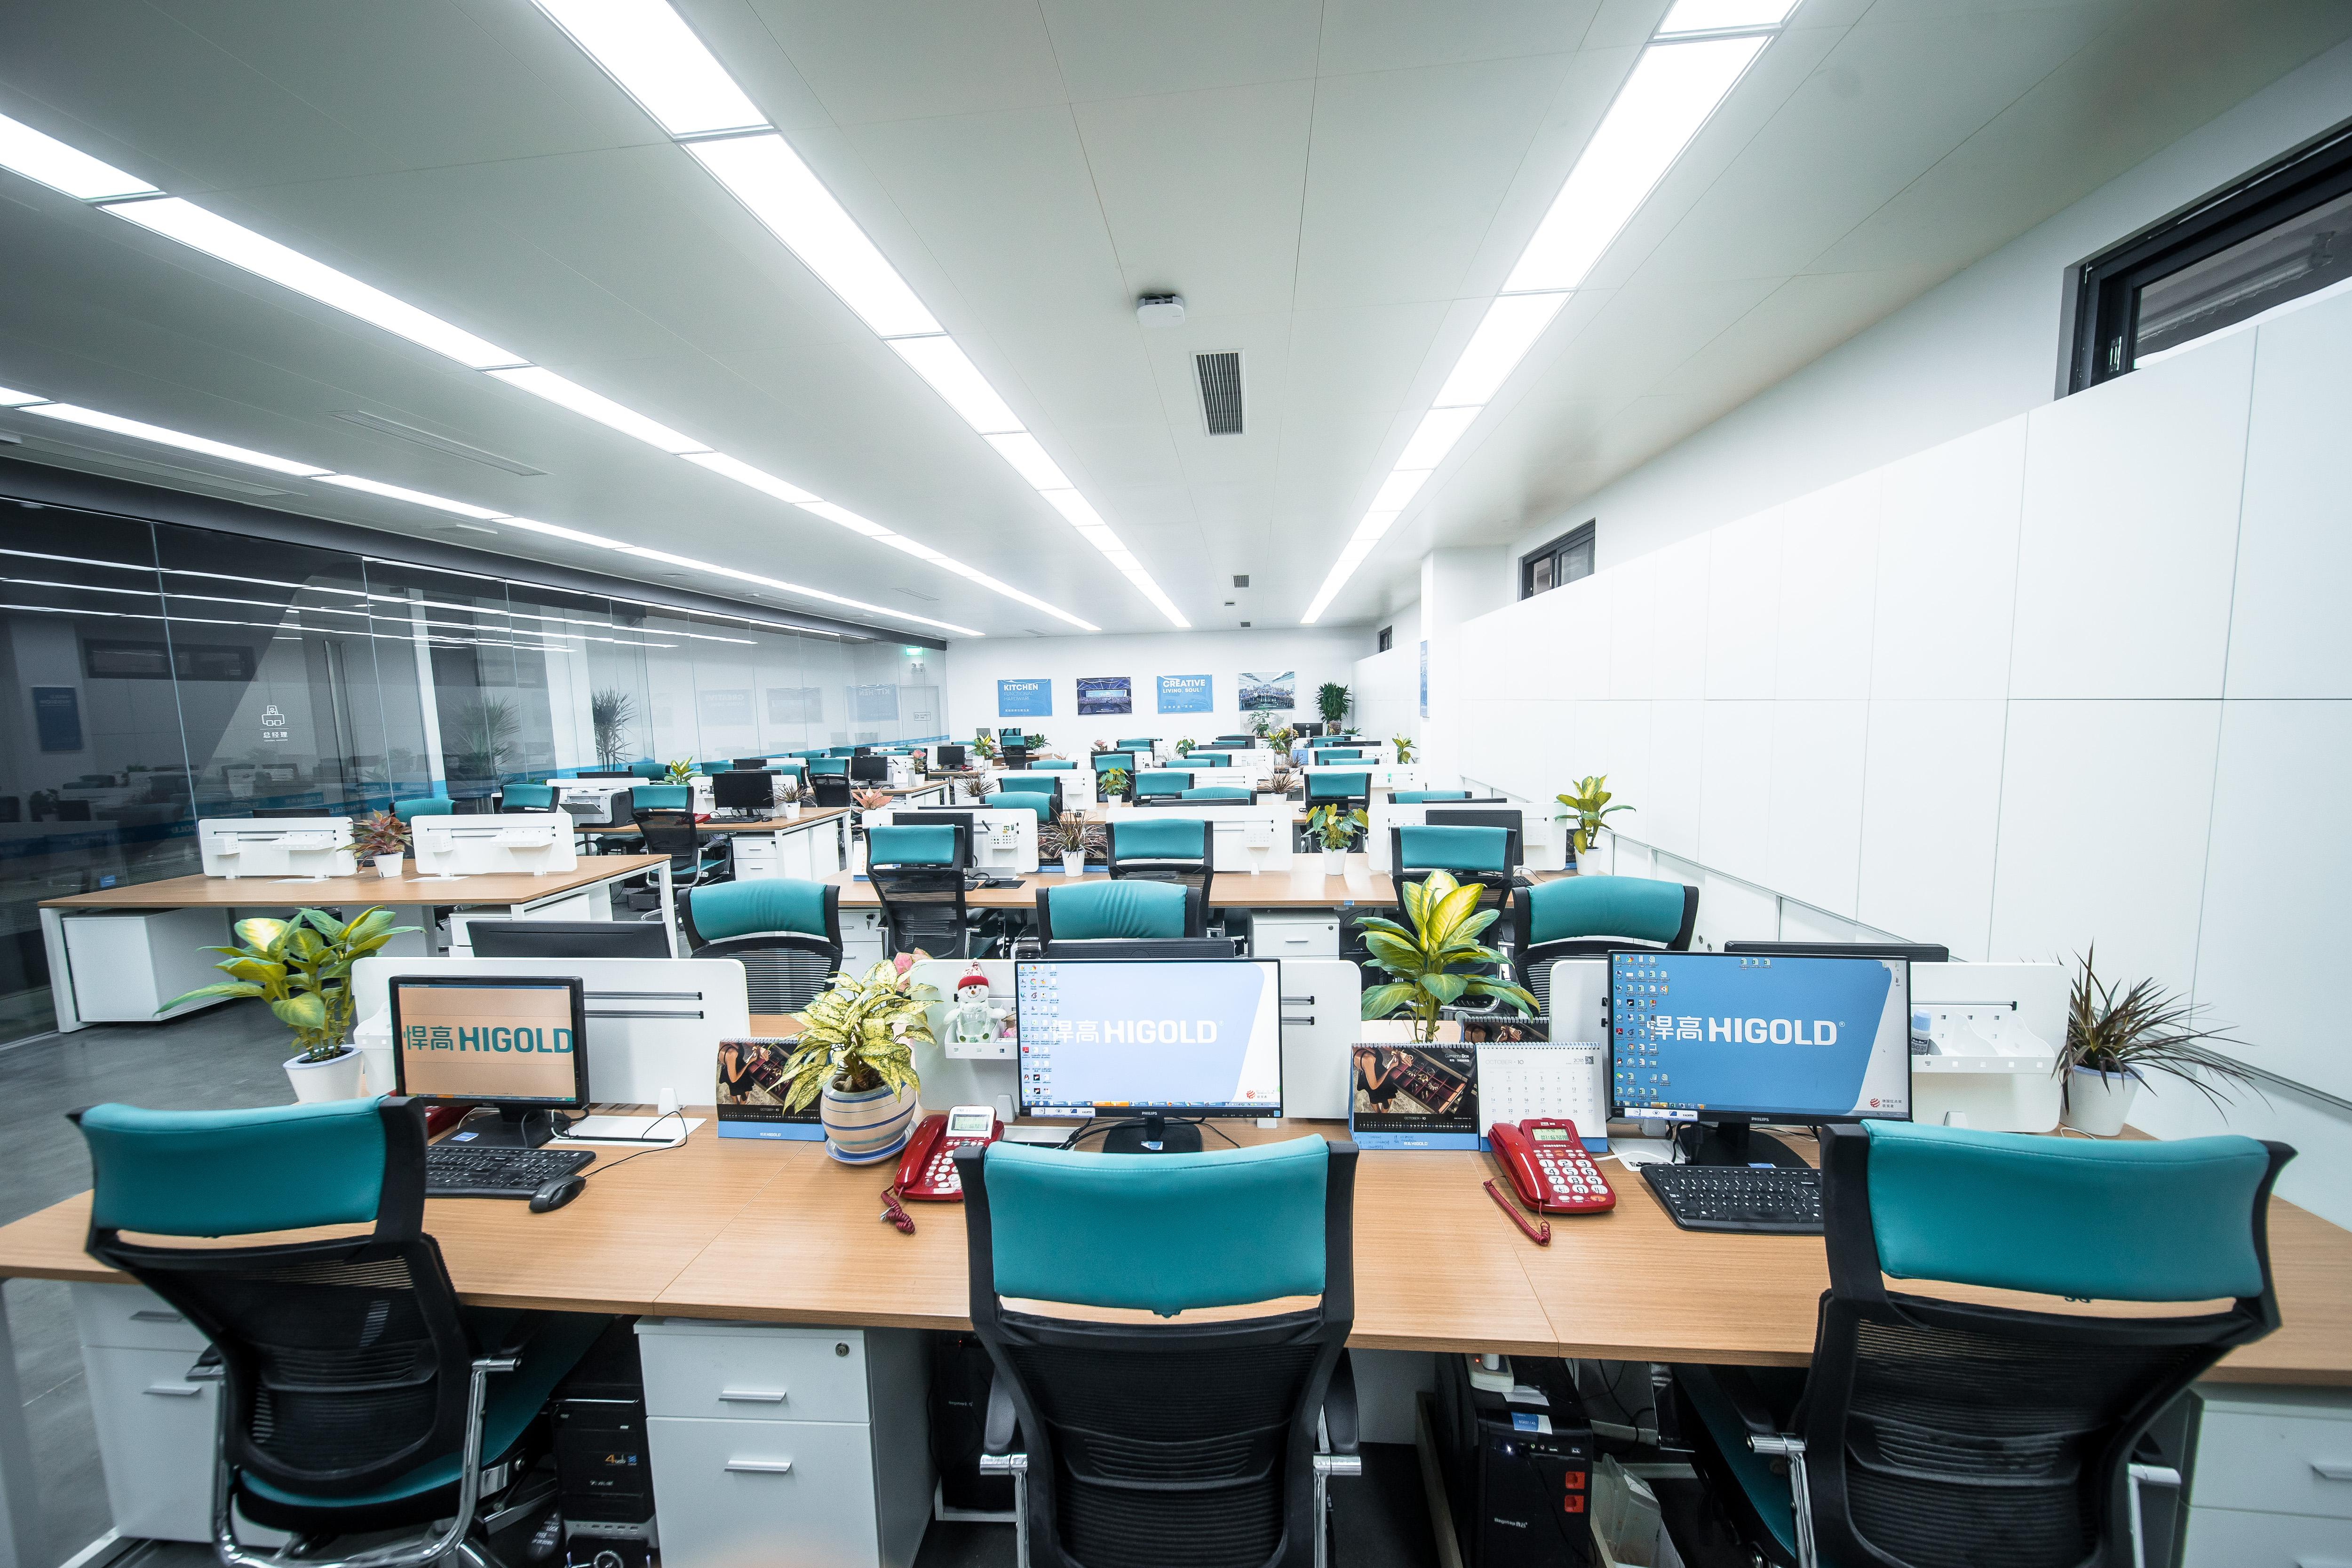 悍高现代化办公环境